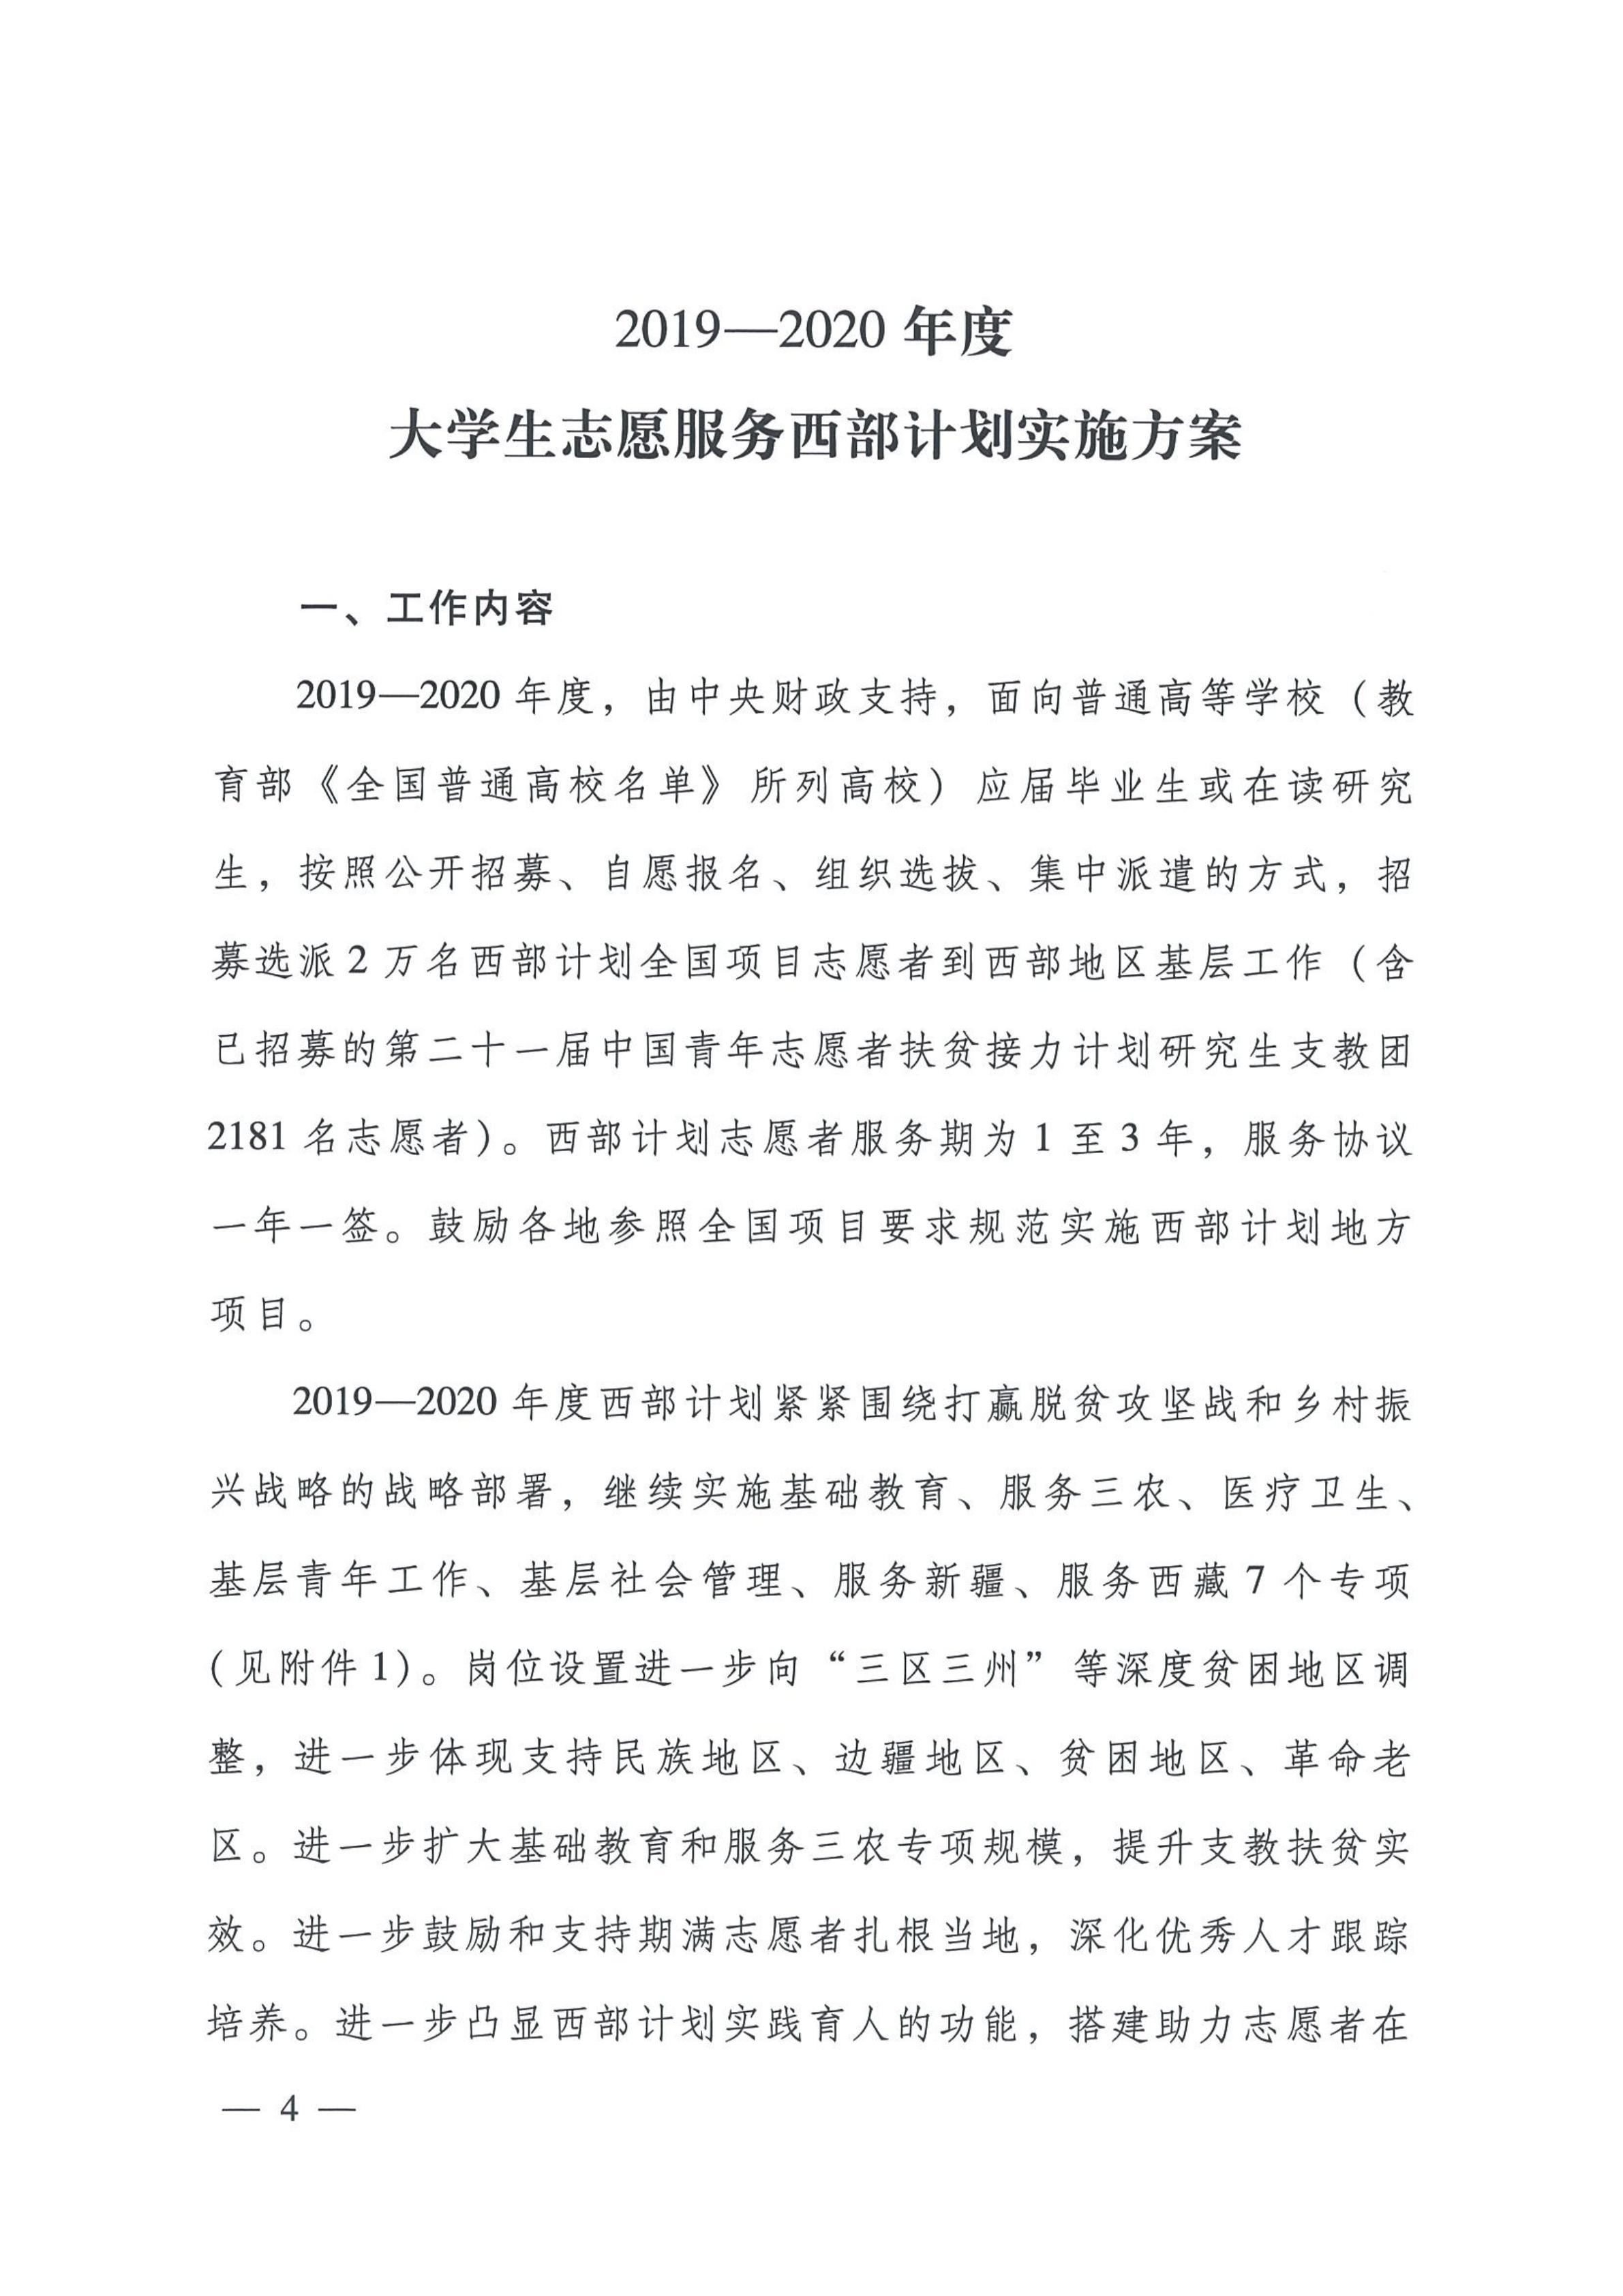 7-晋科院团[2019]7号-关于转发共青团中央《关于印发2019-2020年度大学生志愿服务西部计划实施方案》的通知》的通知_04.png